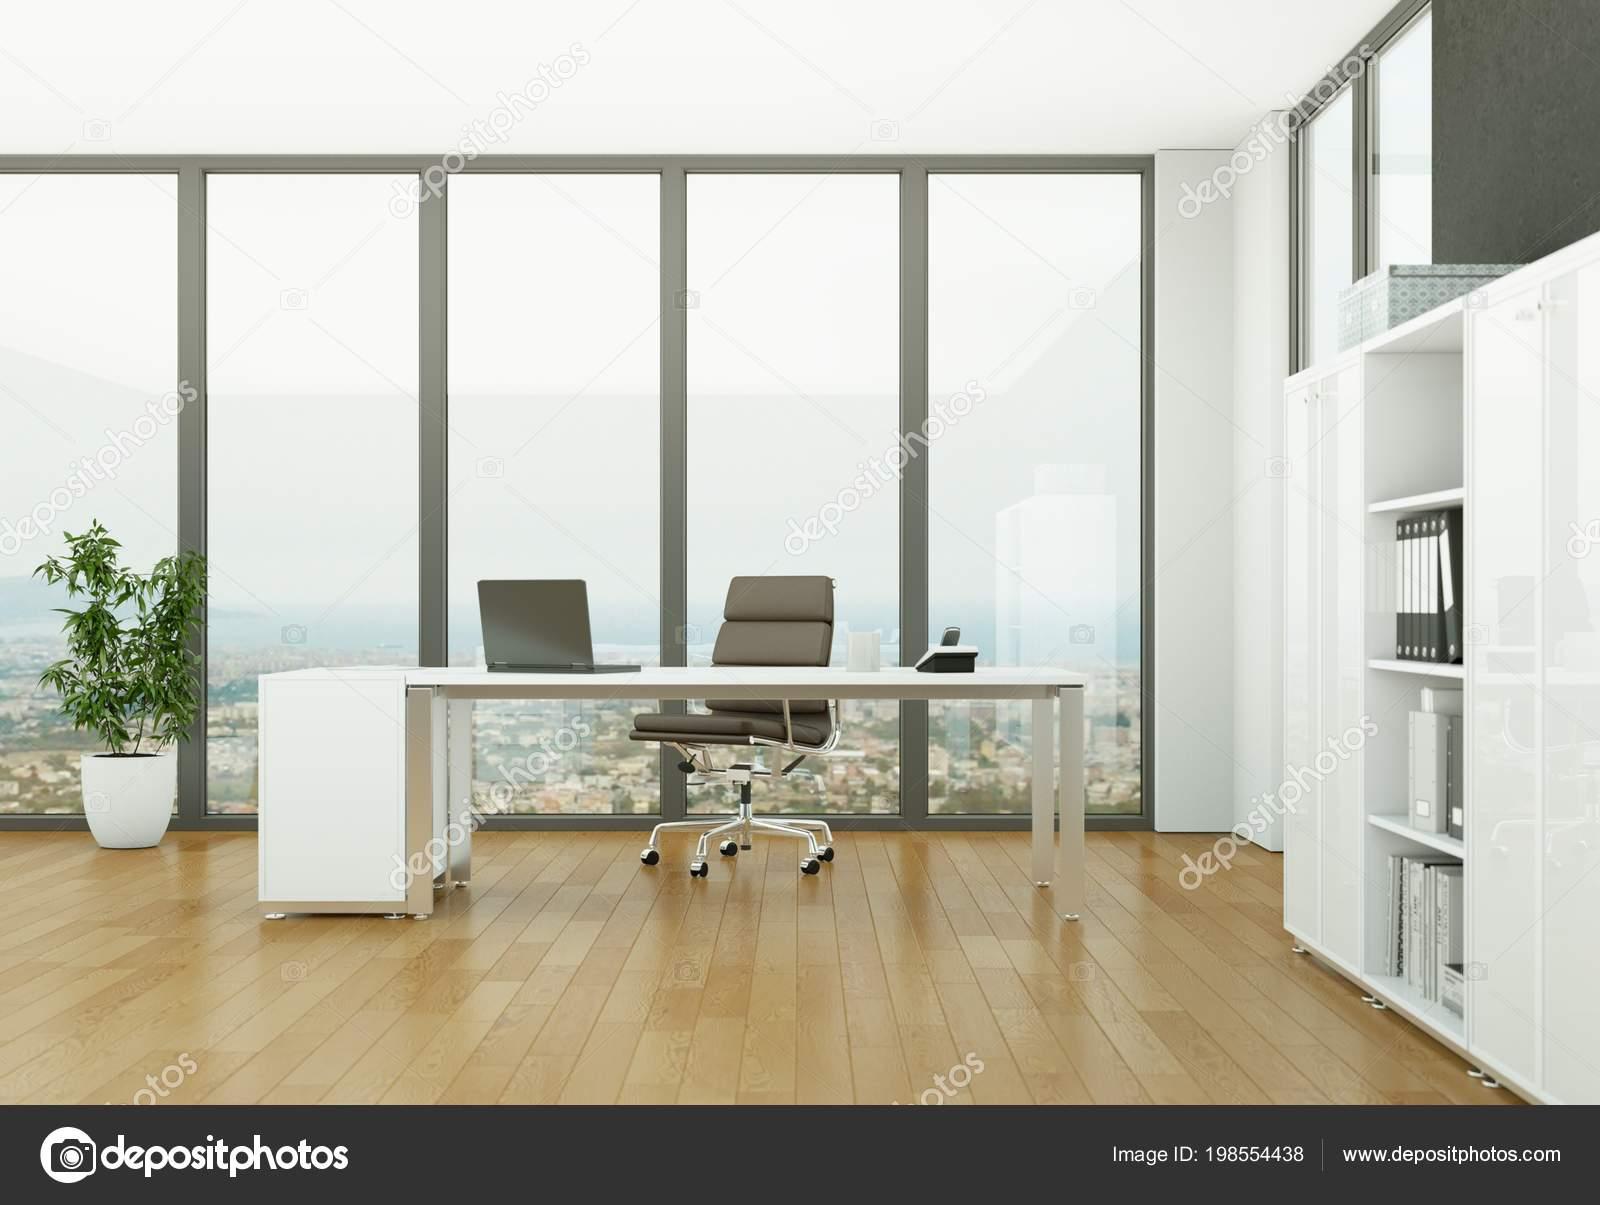 design d'intérieur de bureau moderne avec mur en béton